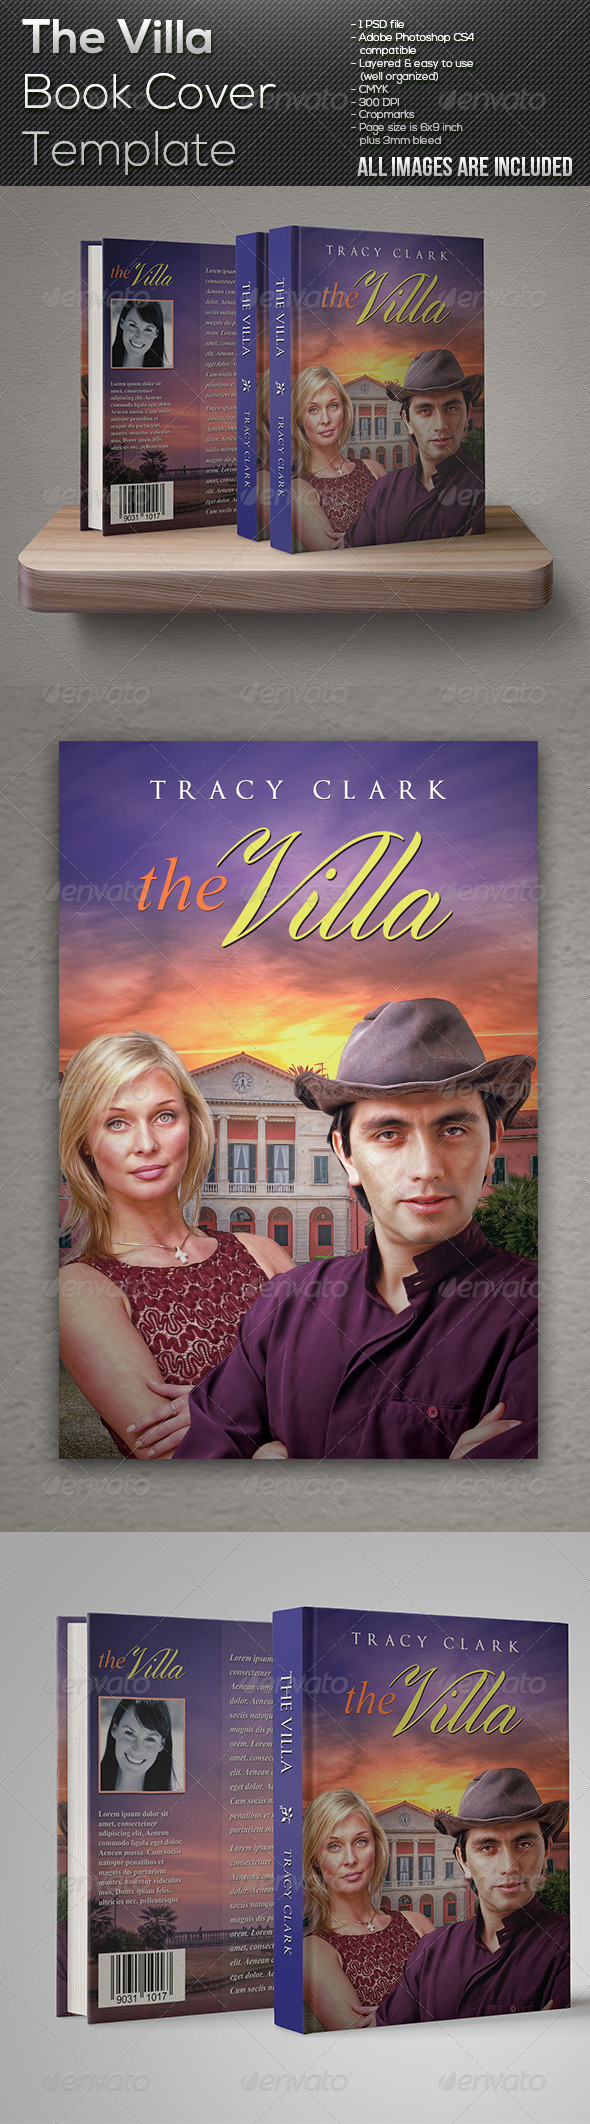 GraphicRiver The Villa Book Cover Template 7631592